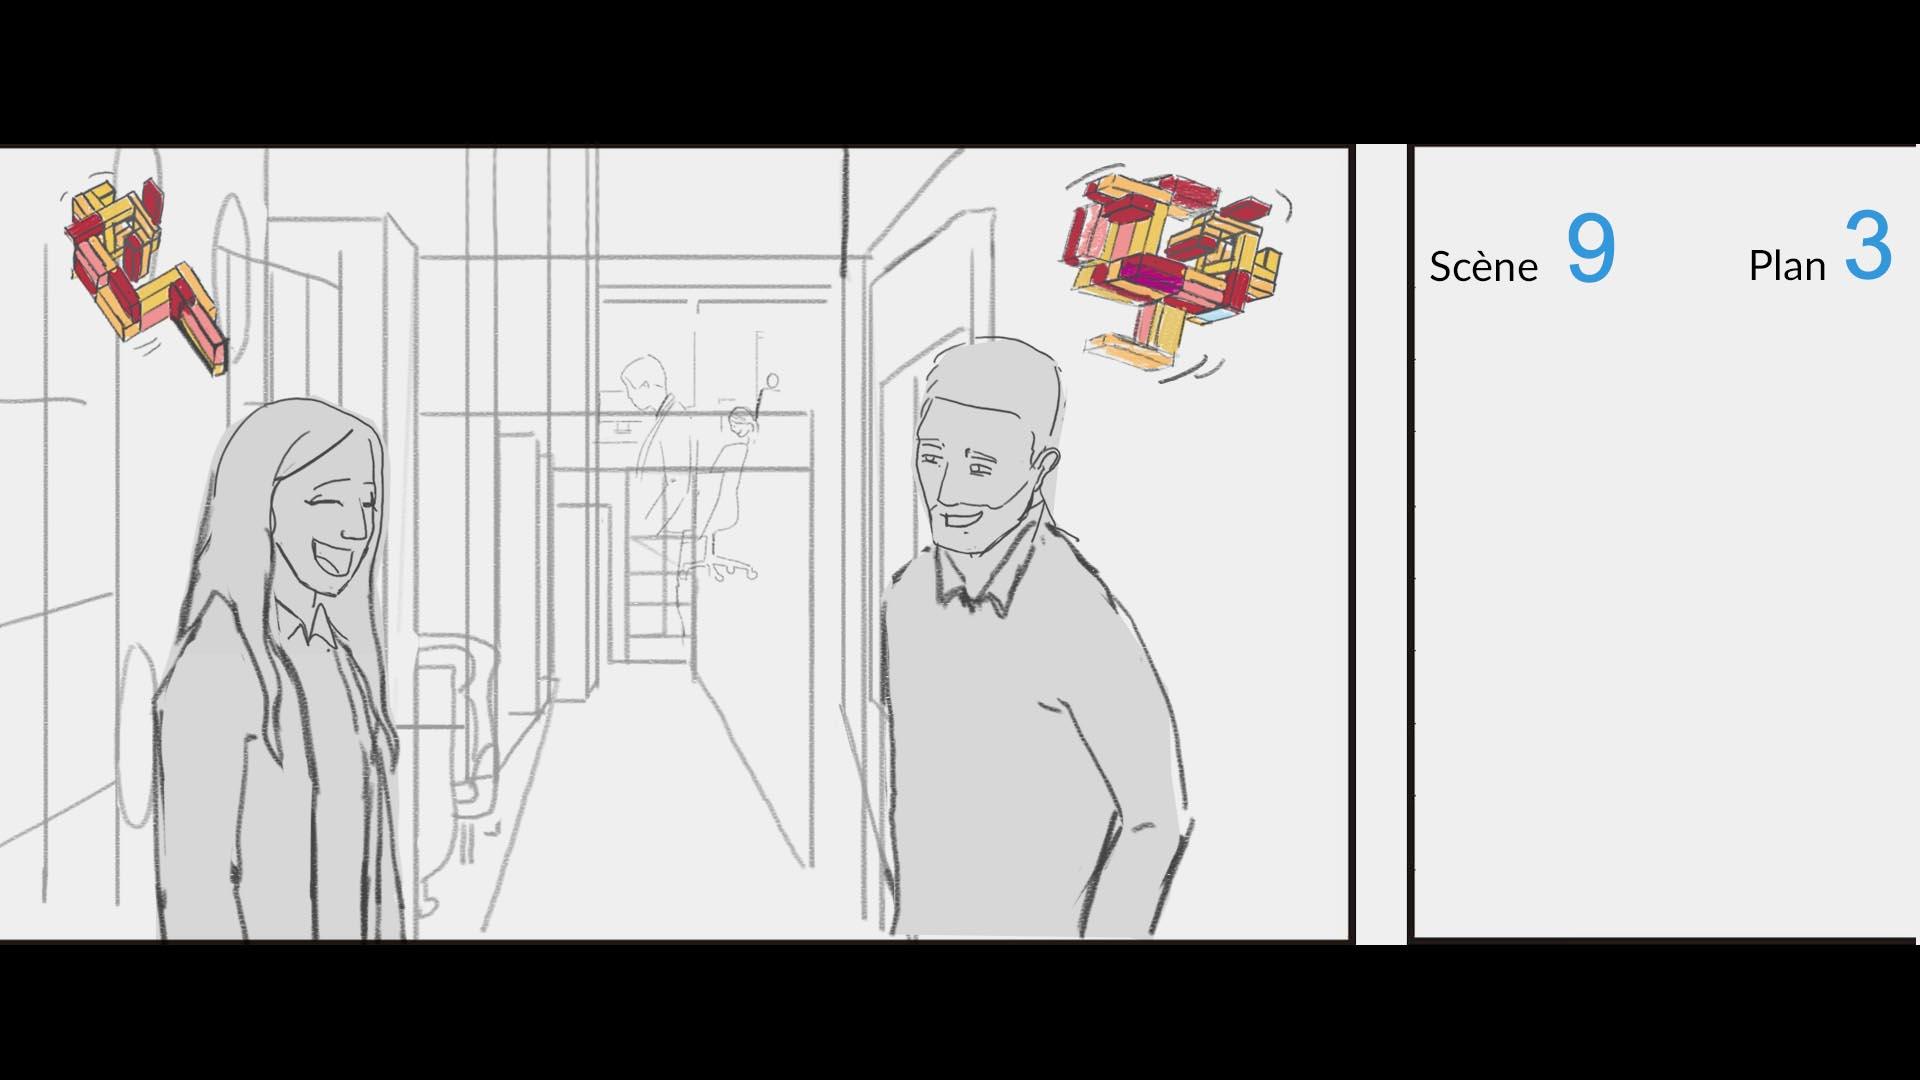 Image tirée du StoryBoard relatif au film promotionnel réalisé pour PWC